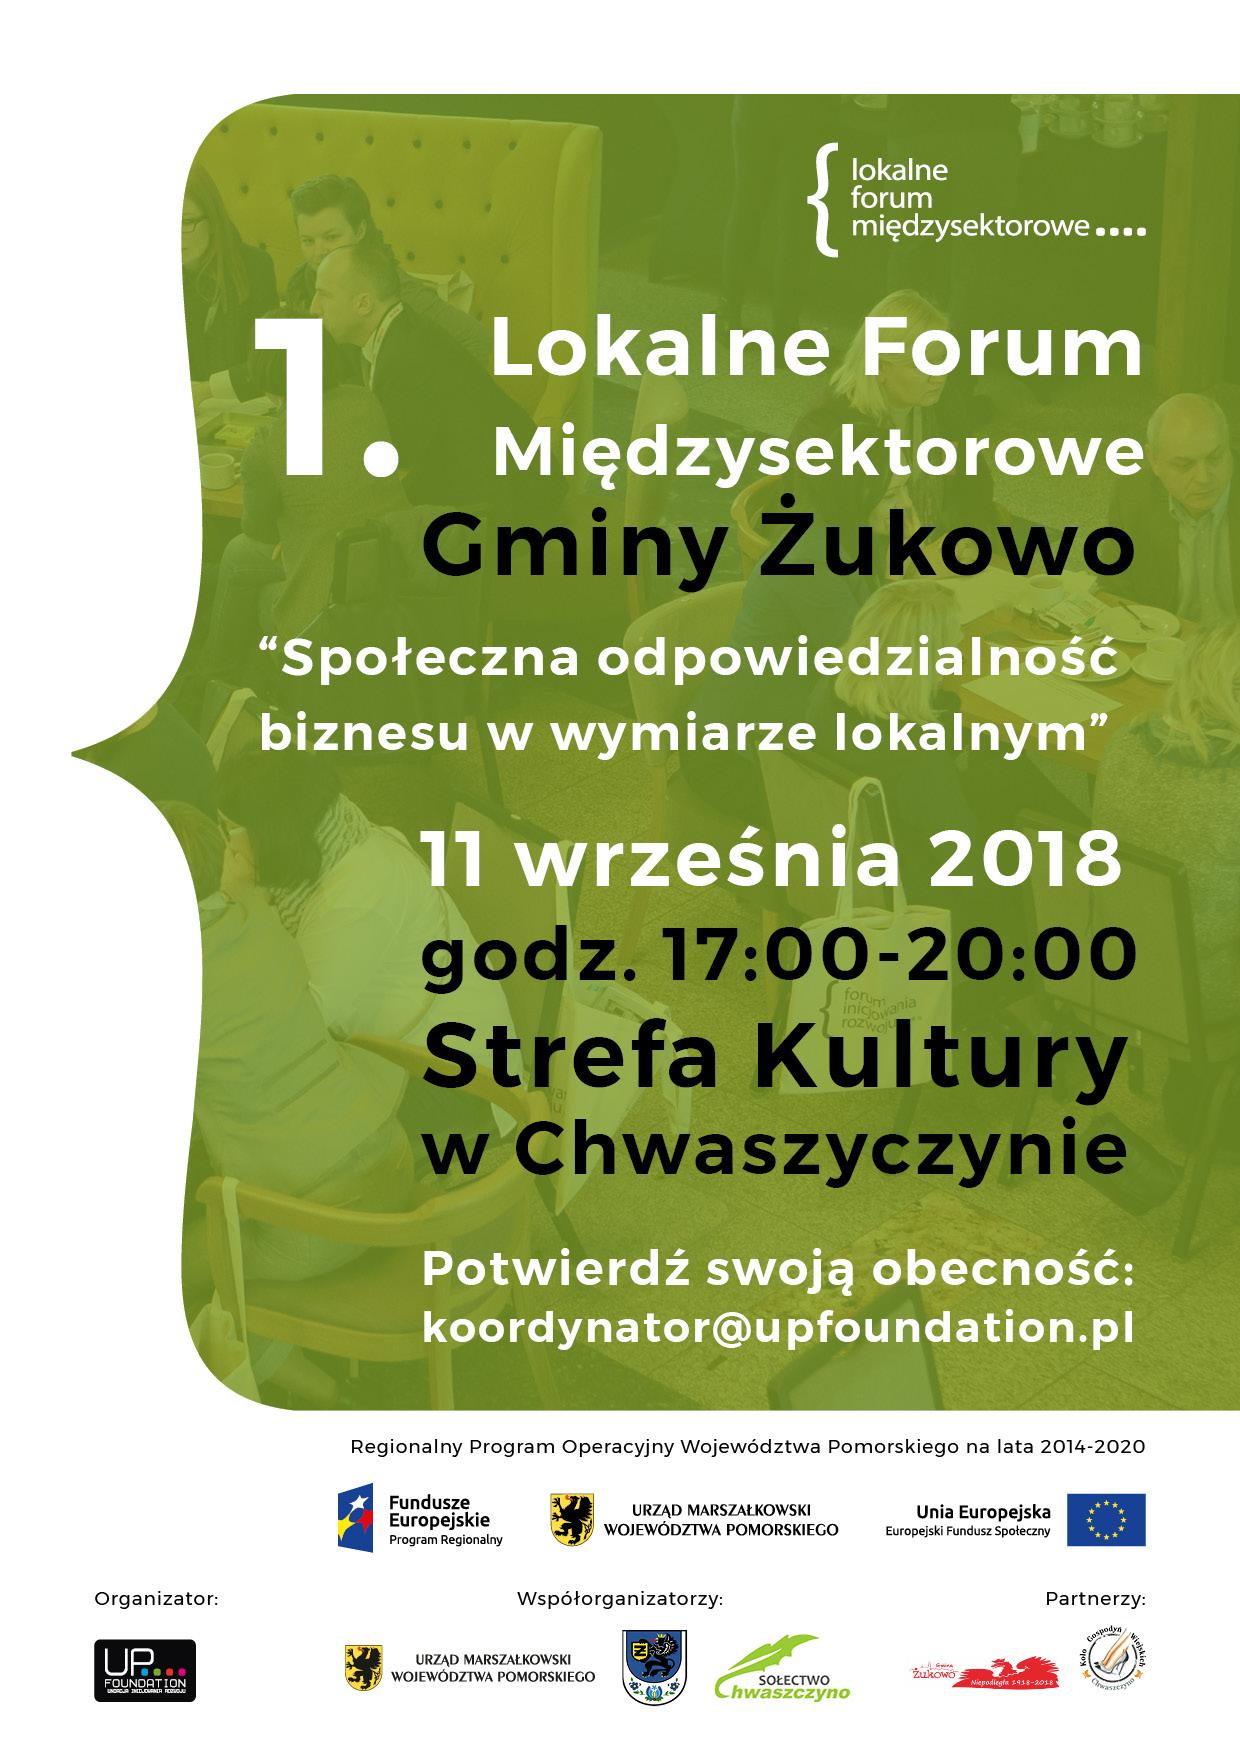 Lokalne Forum Międzysektorowe w Żukowie